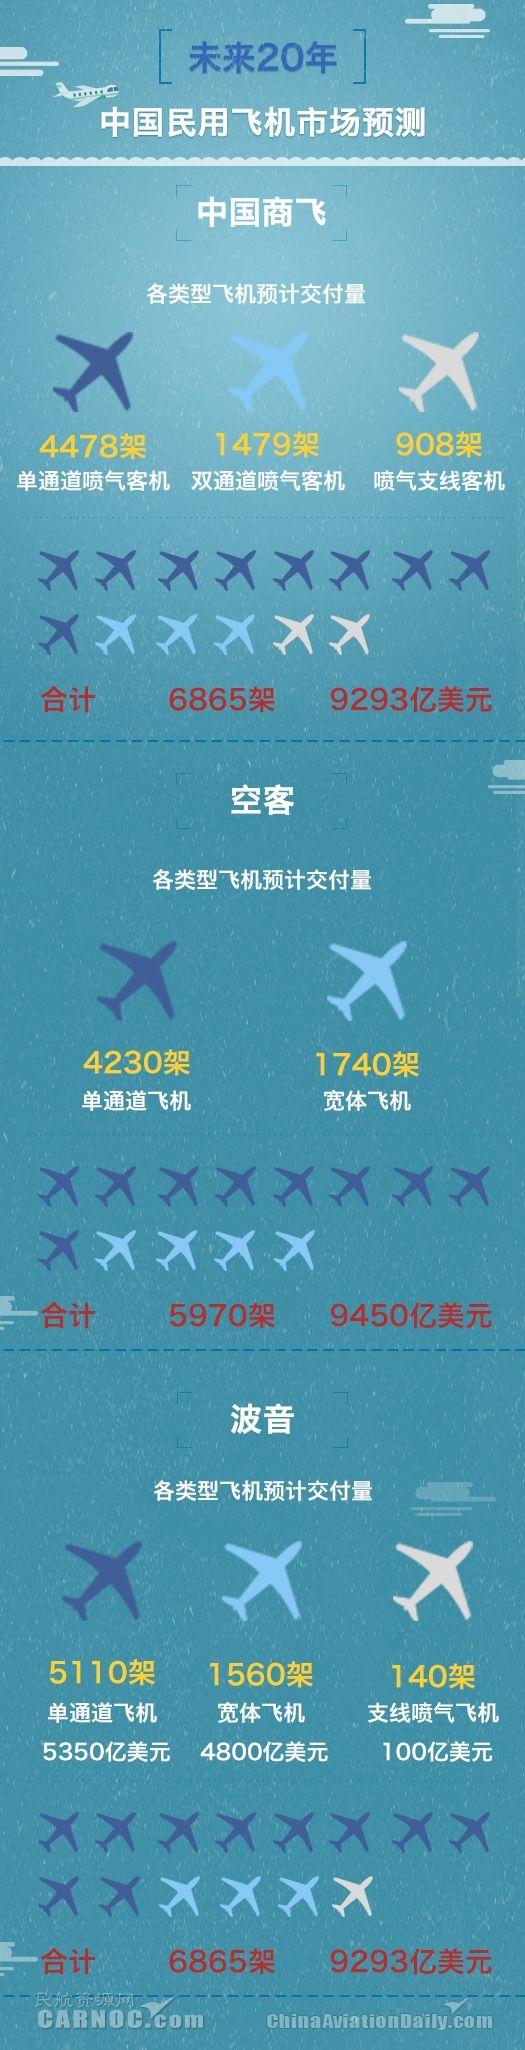 """中国航企:未来20年将""""凶猛""""出手 飞机买买买"""